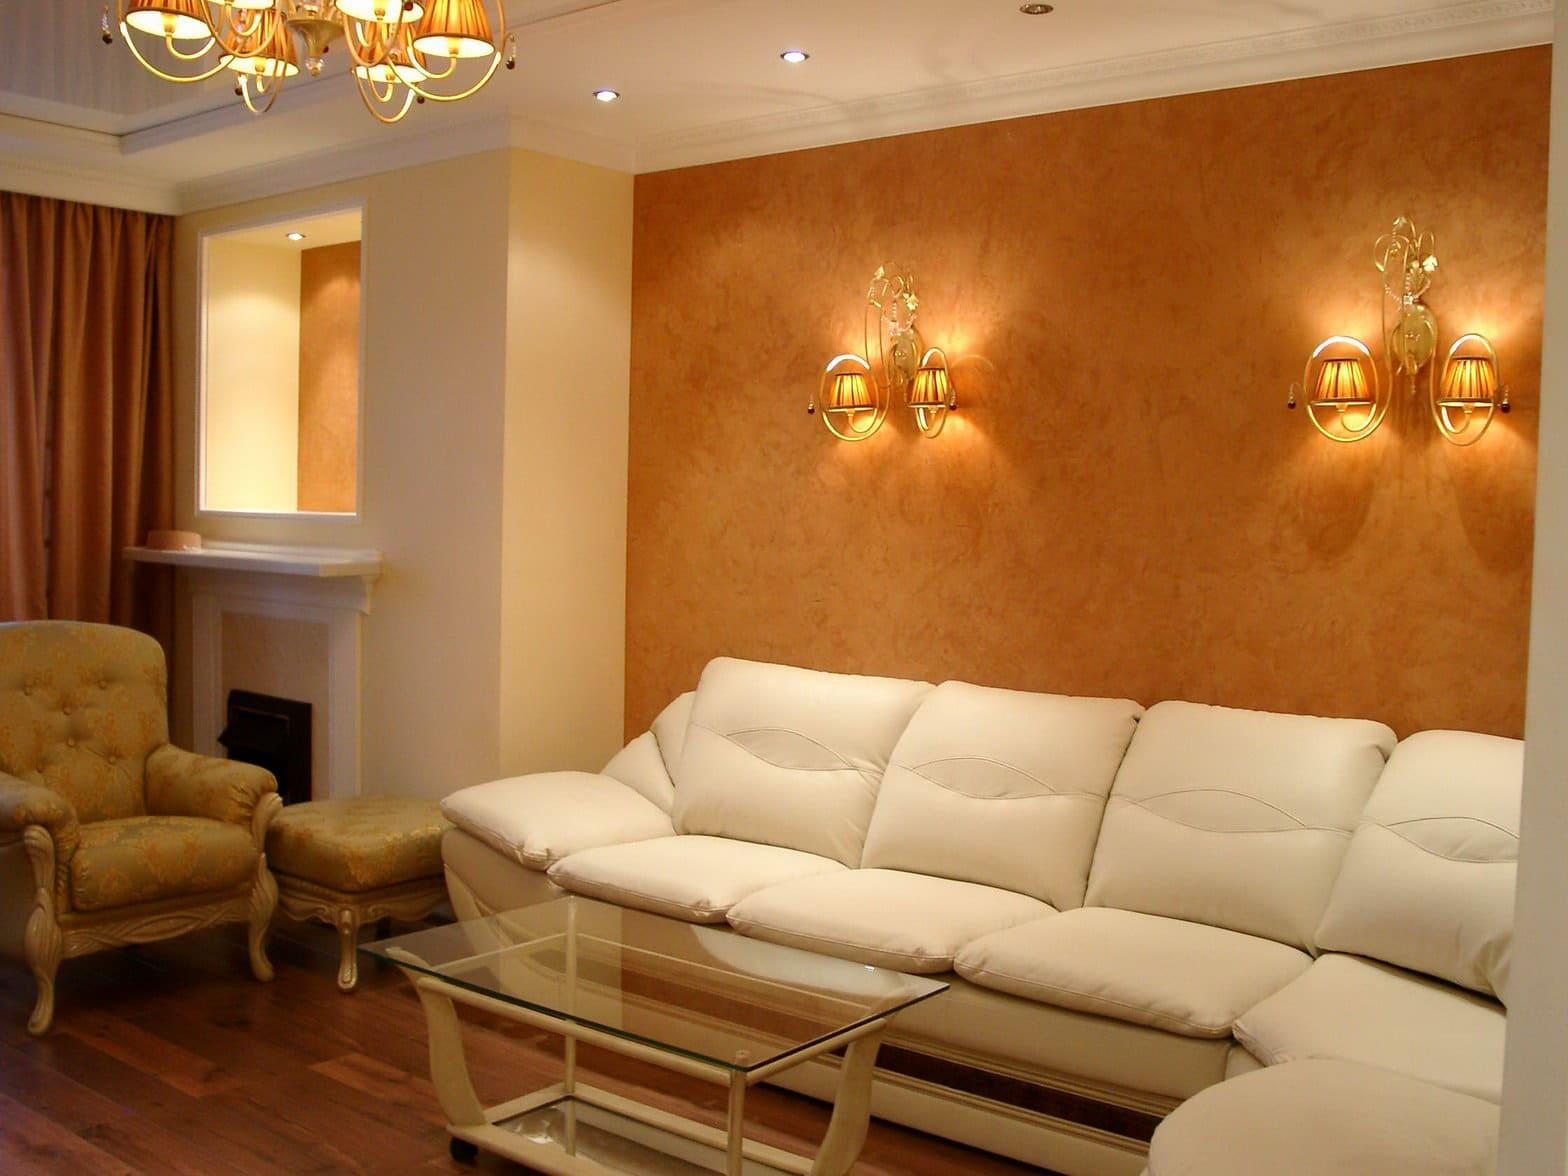 Декоративная штукатурка - лучшие красивые варианты отделки стен в интерьере 005